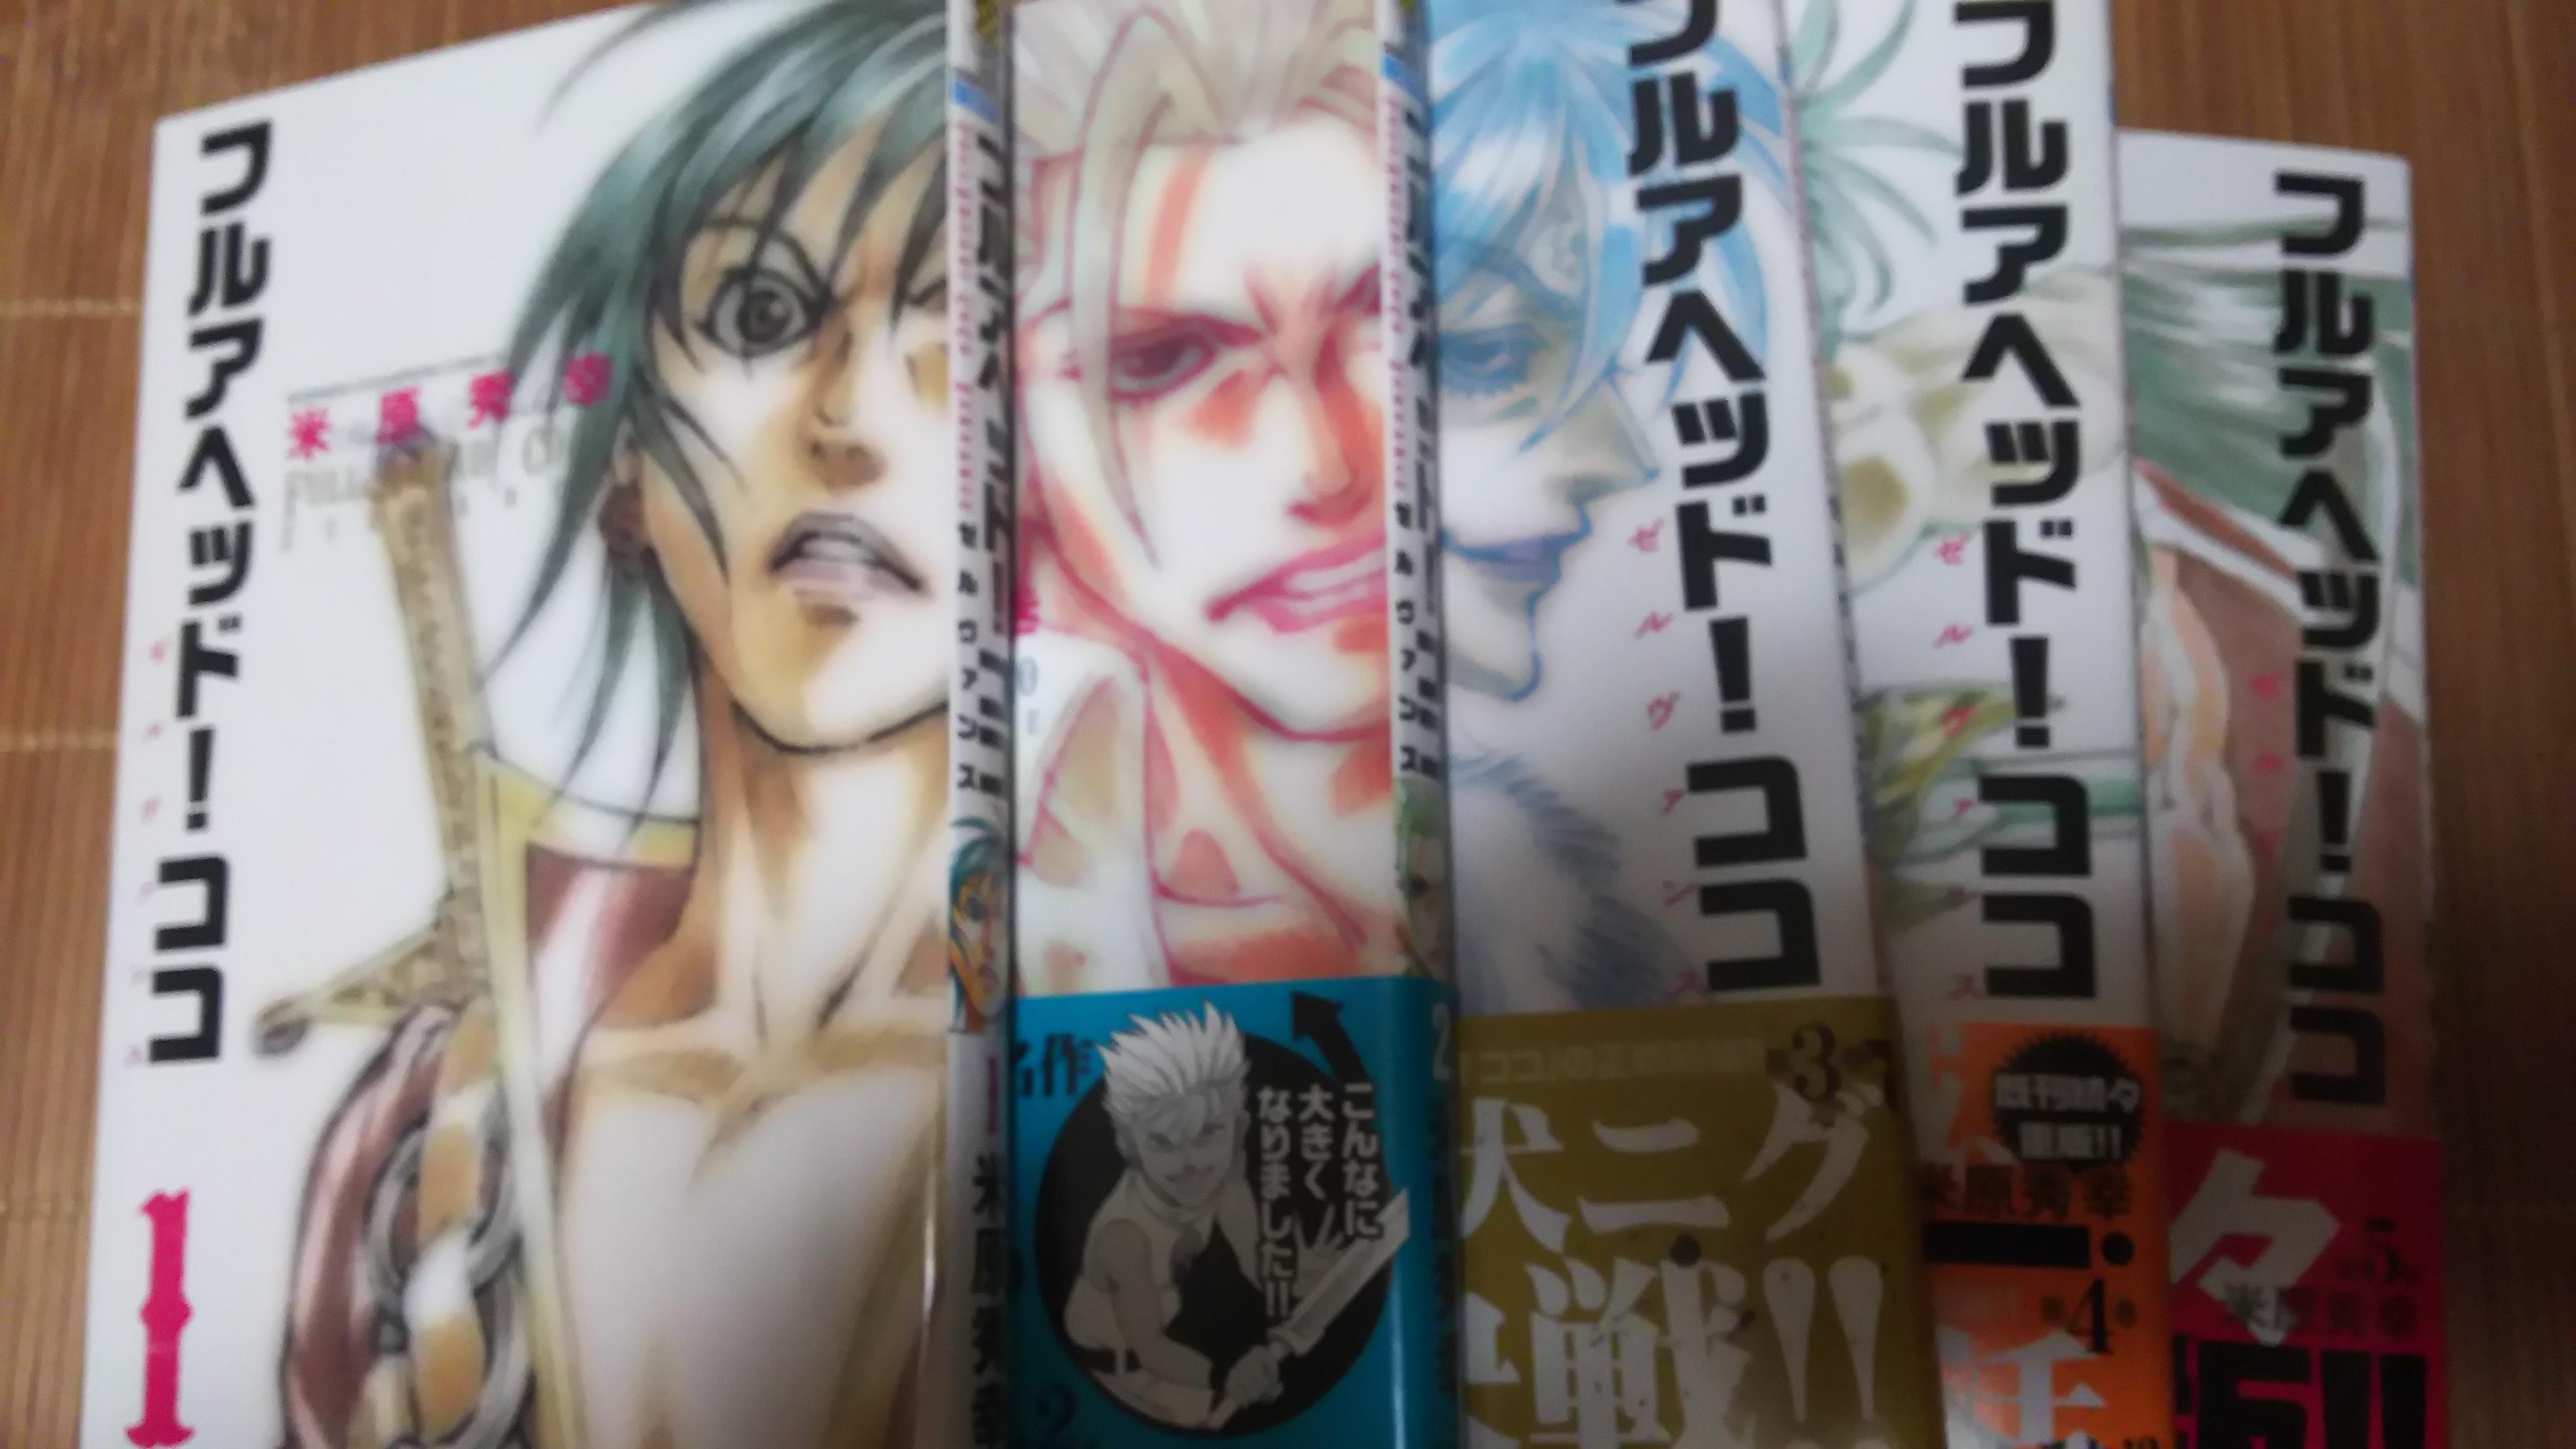 """海賊マンガ 「フルアヘッド!ココ」のおススメ / Recommendation of pirate manga """"full ahead! Coco"""""""